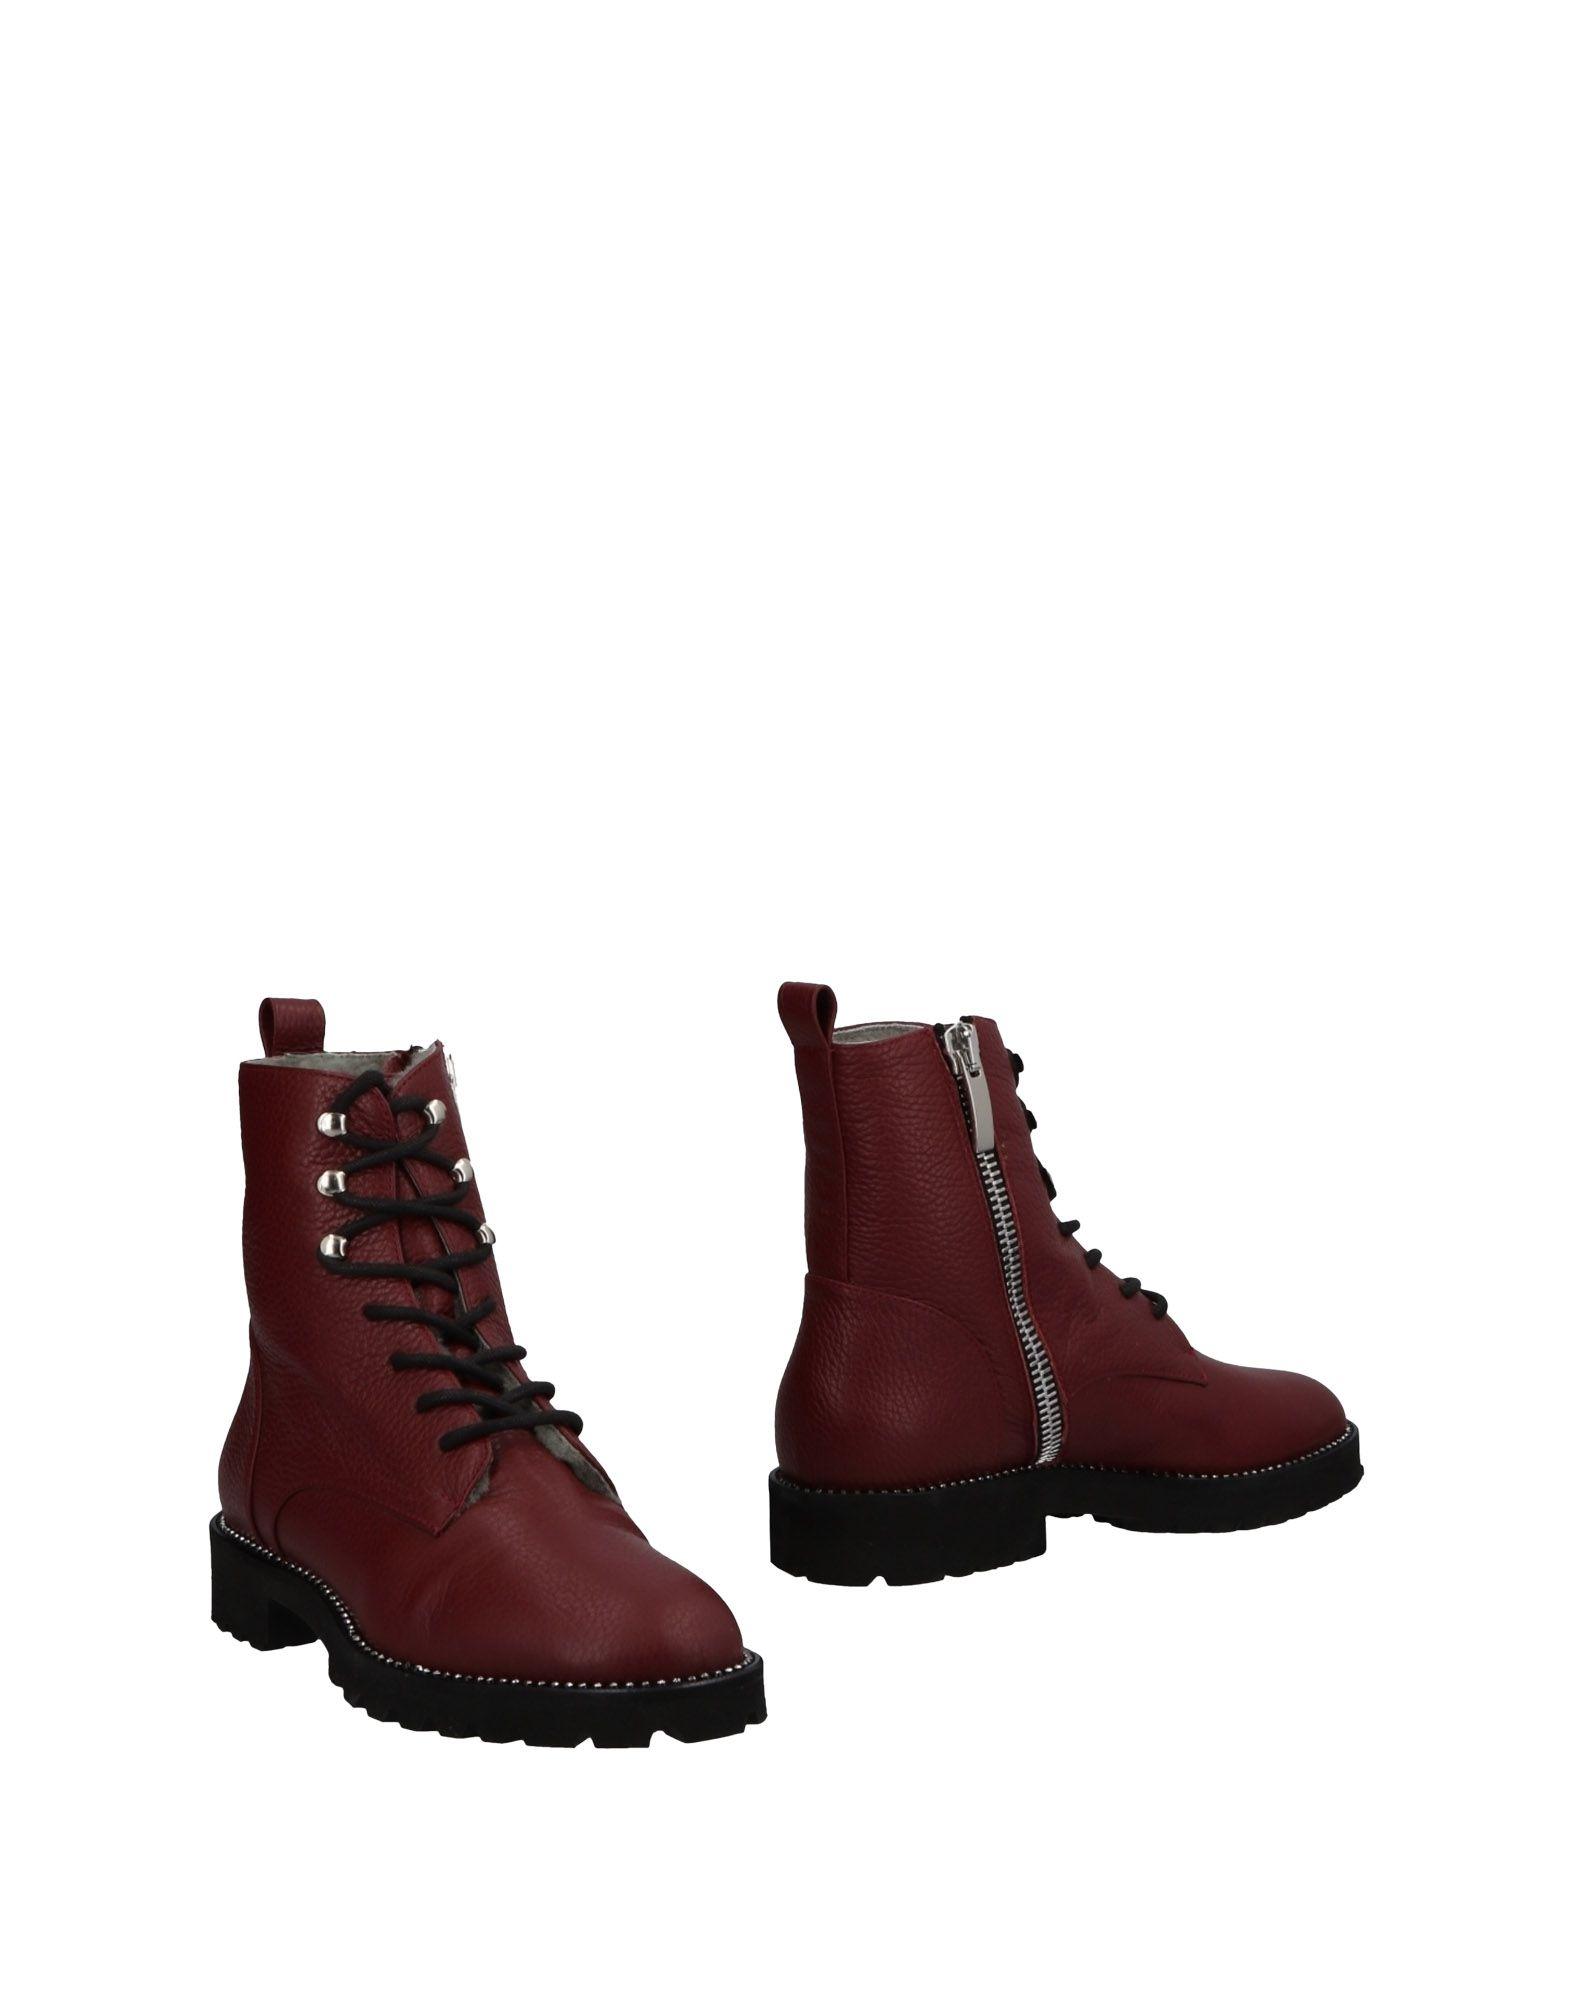 Stilvolle Stiefelette billige Schuhe 18 Kt Stiefelette Stilvolle Damen  11484145CQ 2bfa3c